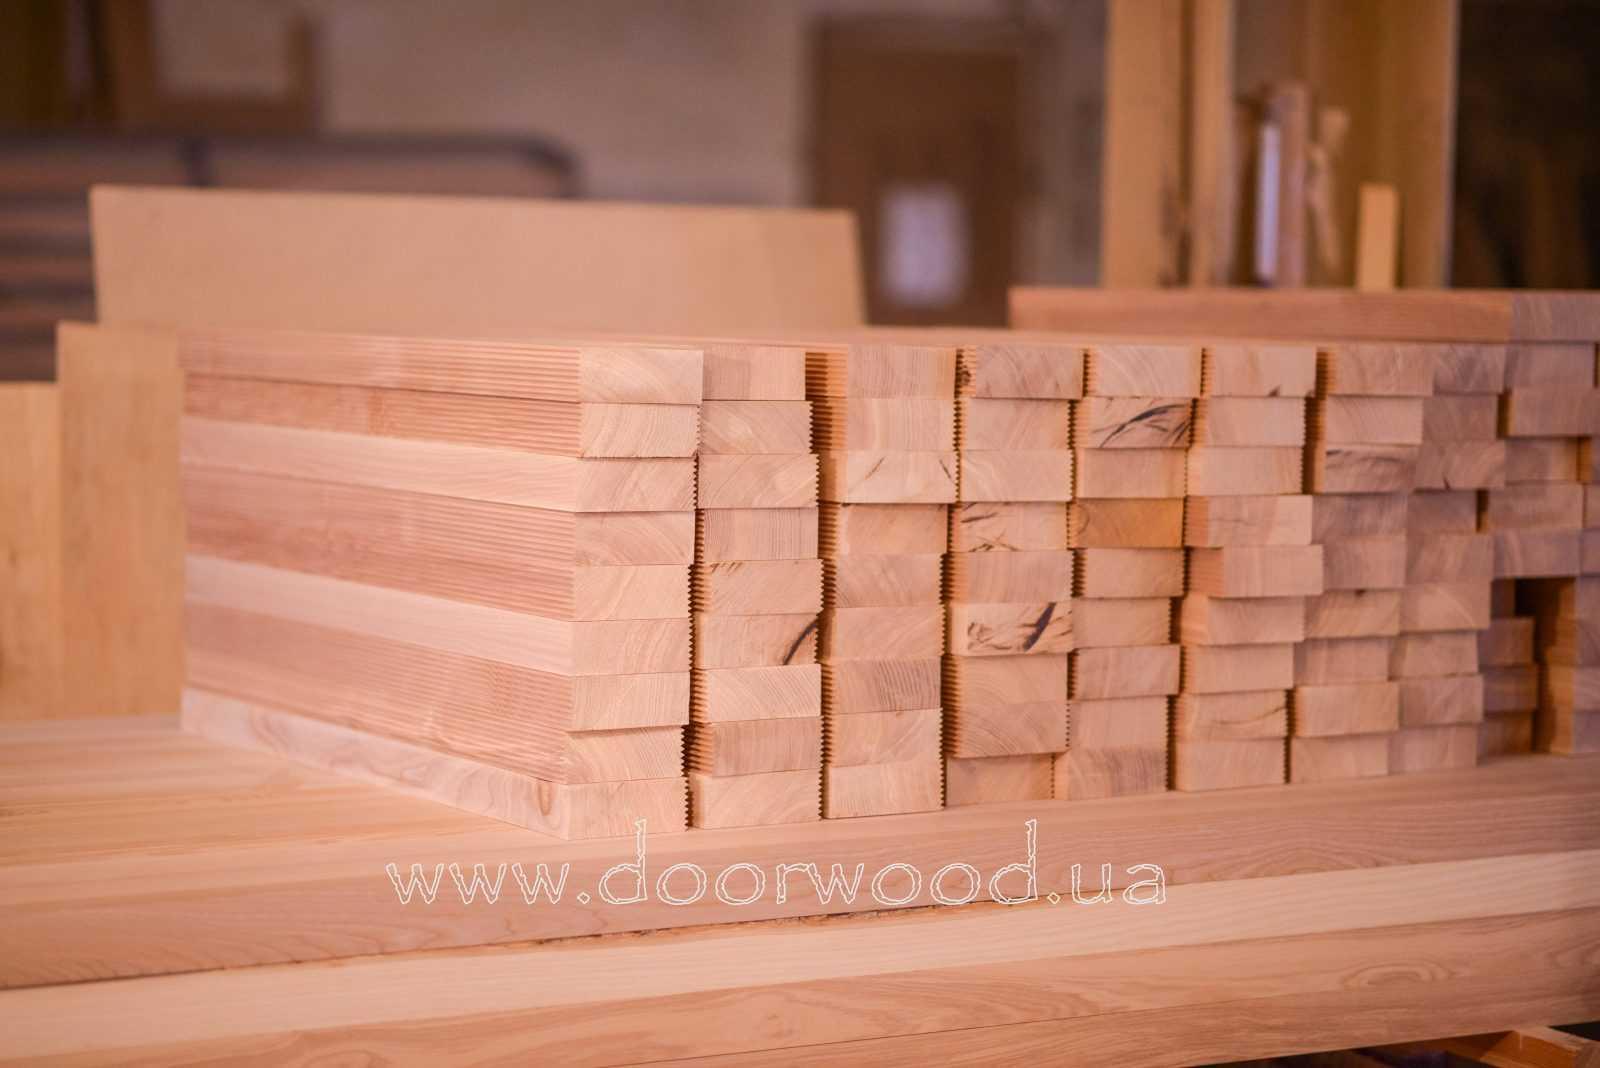 ash array, floor board, carpentry from array, ash doors.doorwood